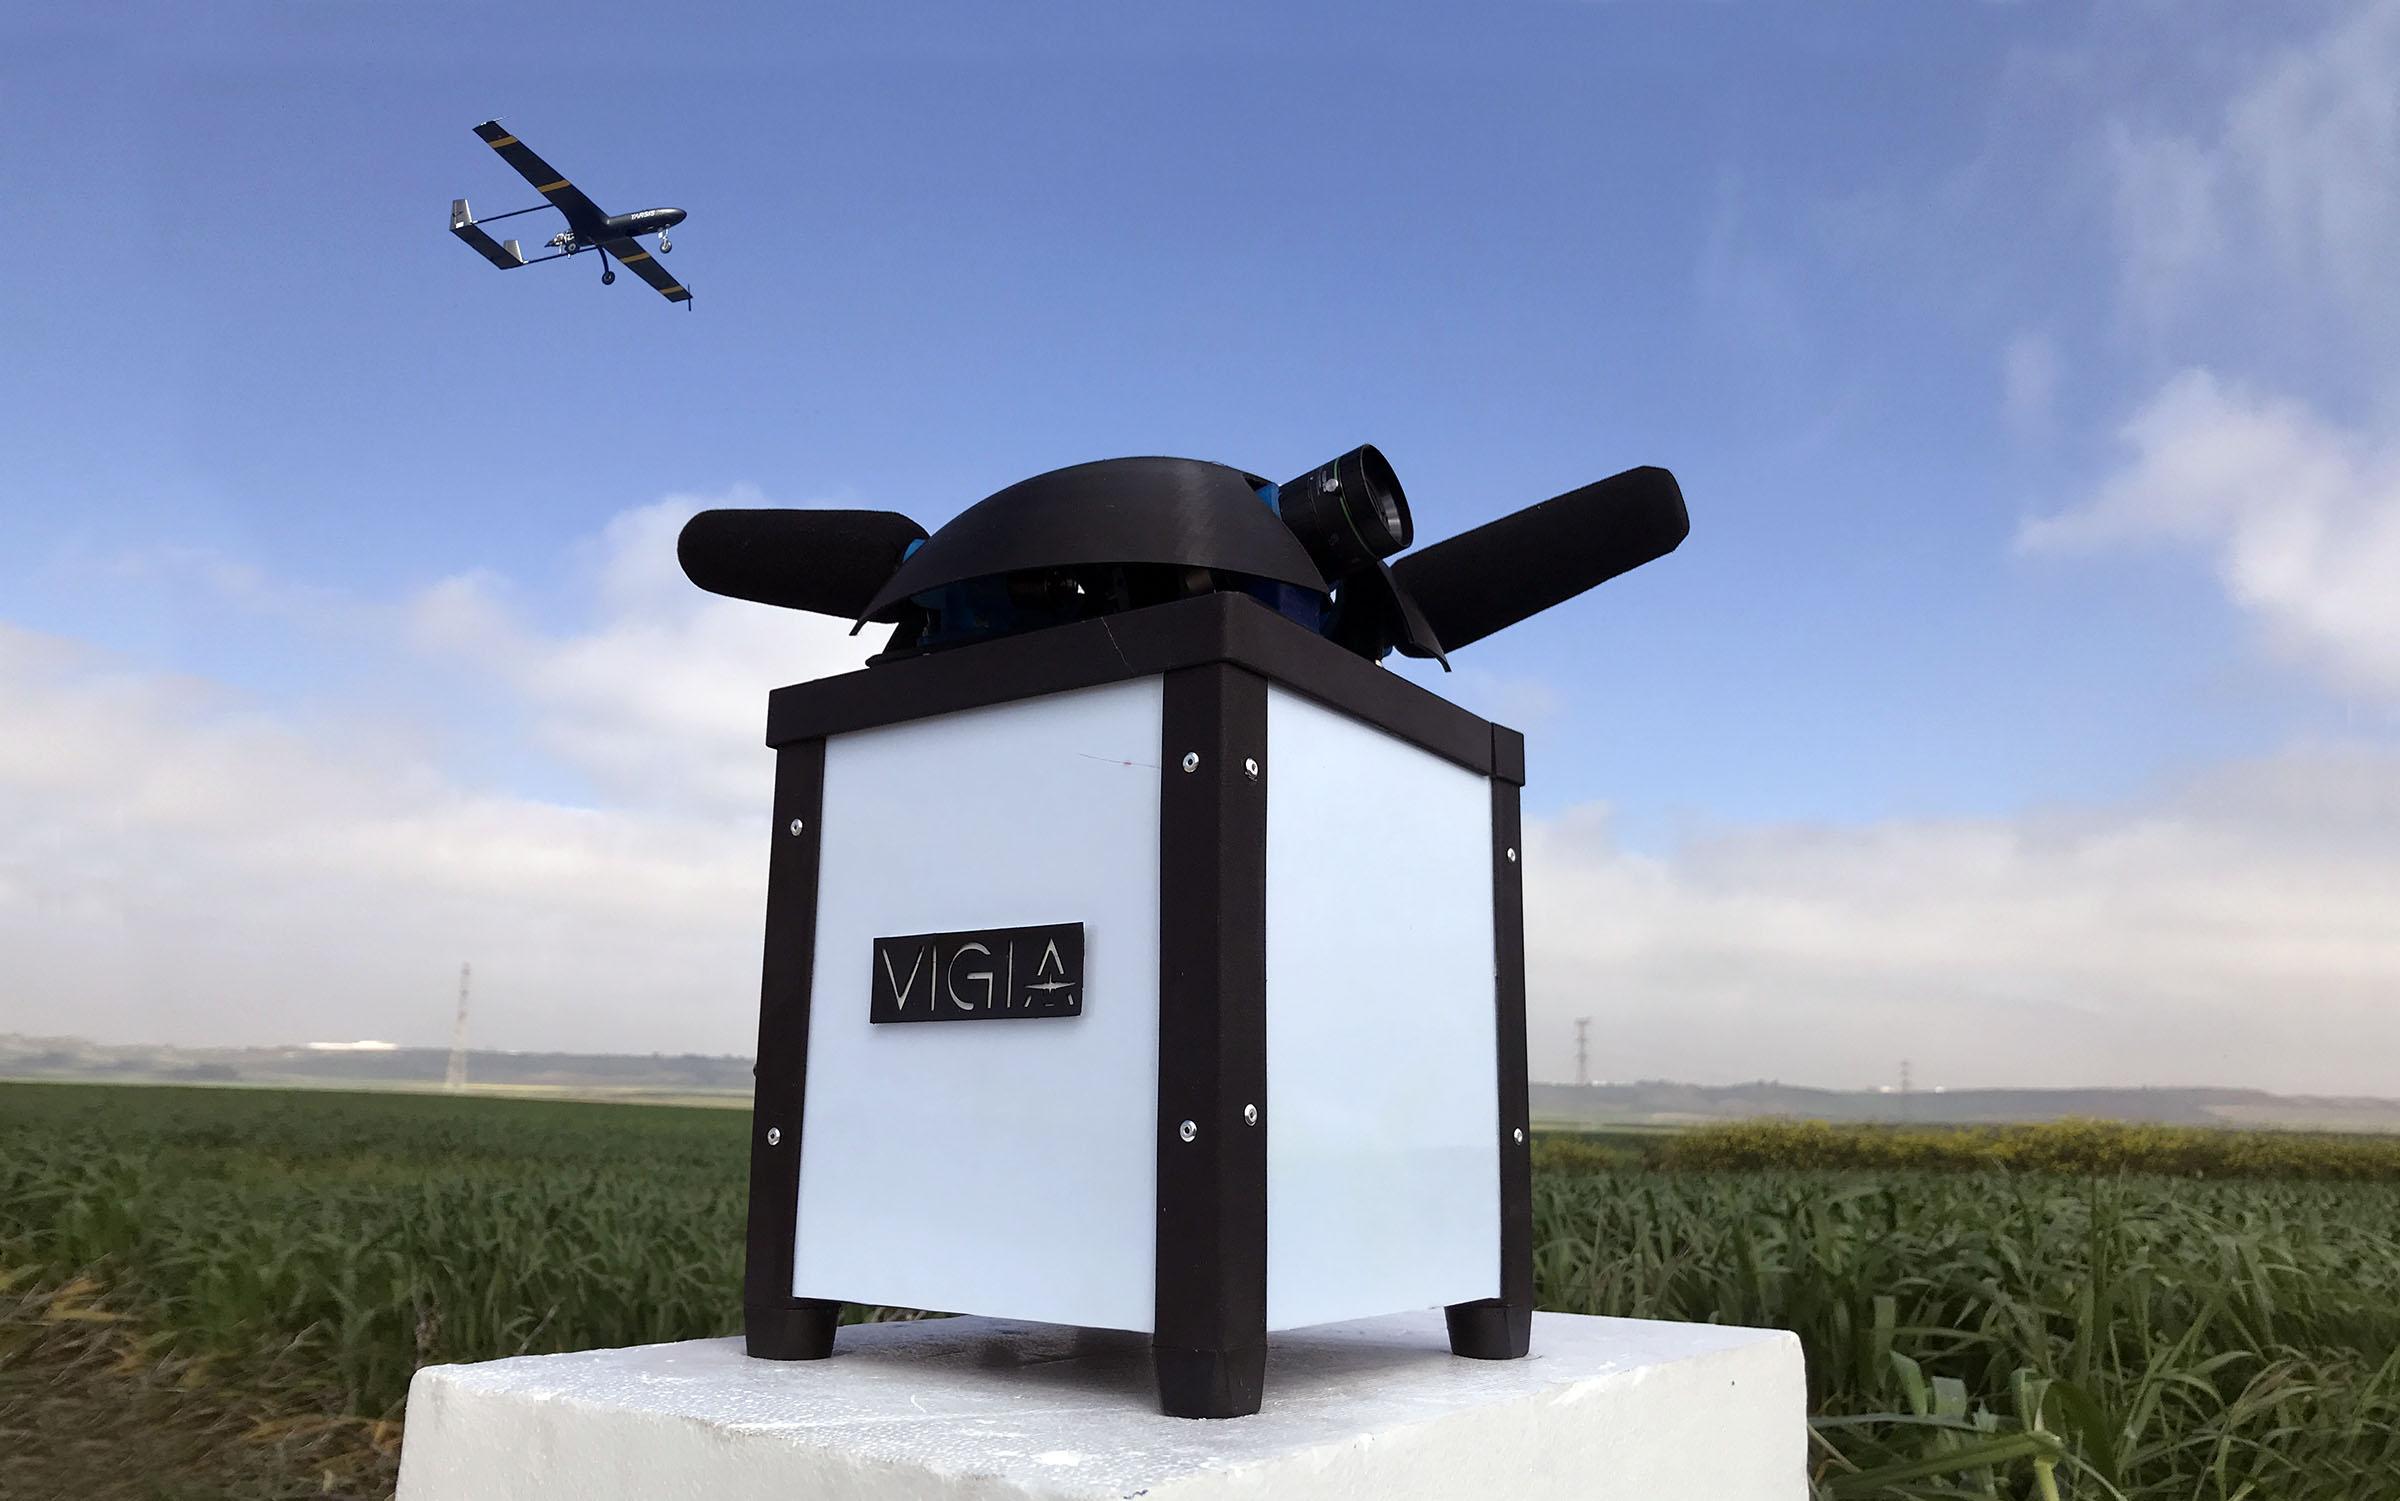 NOTA DE PRENSA: AERTEC diseña un innovador sistema de detección y evitación de colisiones de drones para operaciones fuera de línea de vista